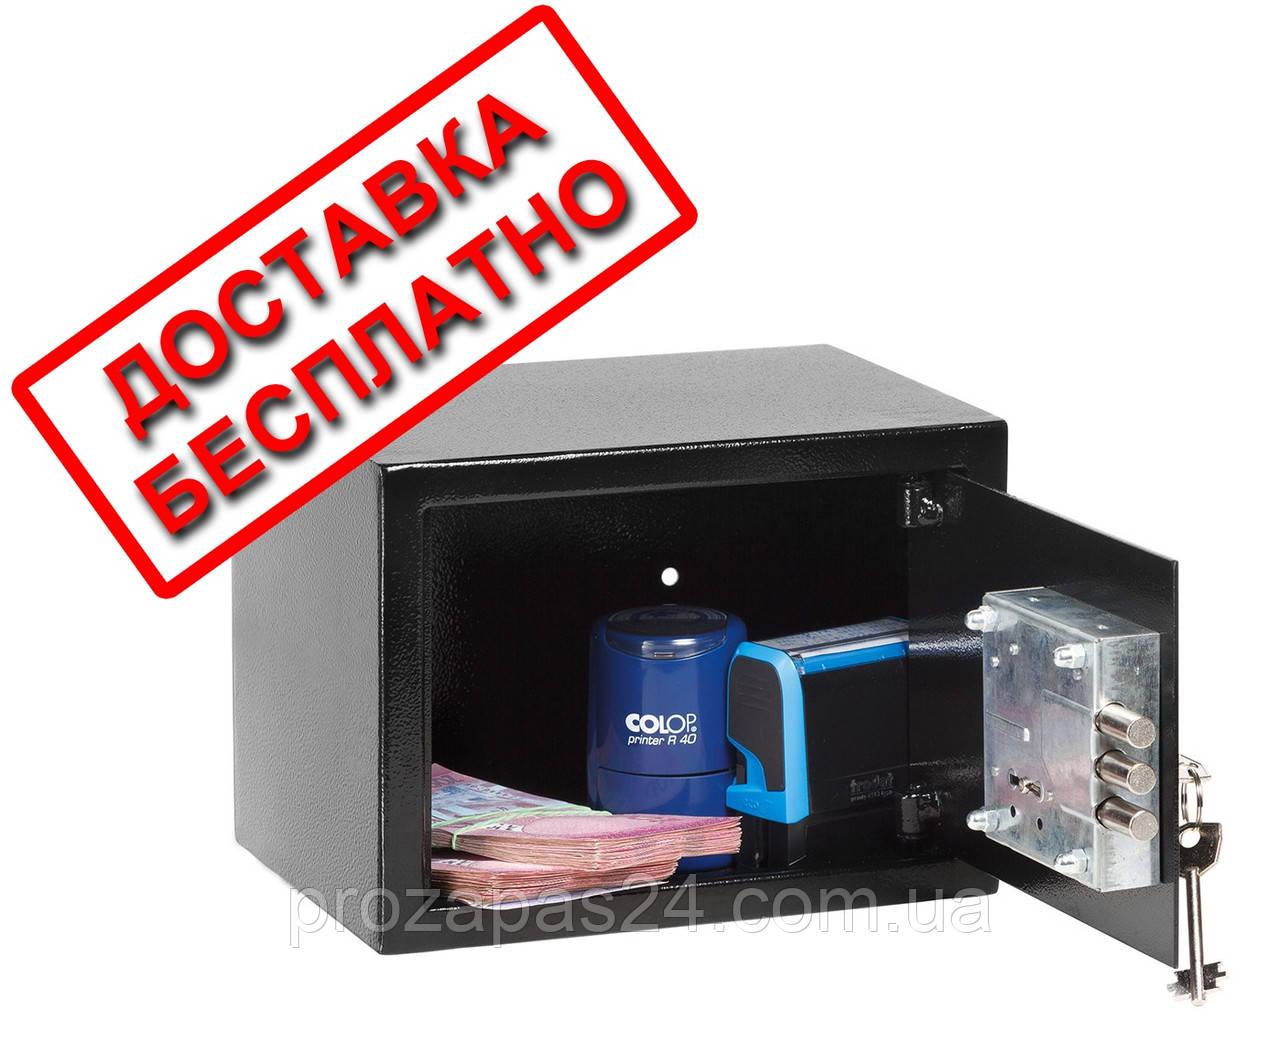 Сейф мебельный черный СМК-1710 для дома офиса ВхШхГ 17х23х17см